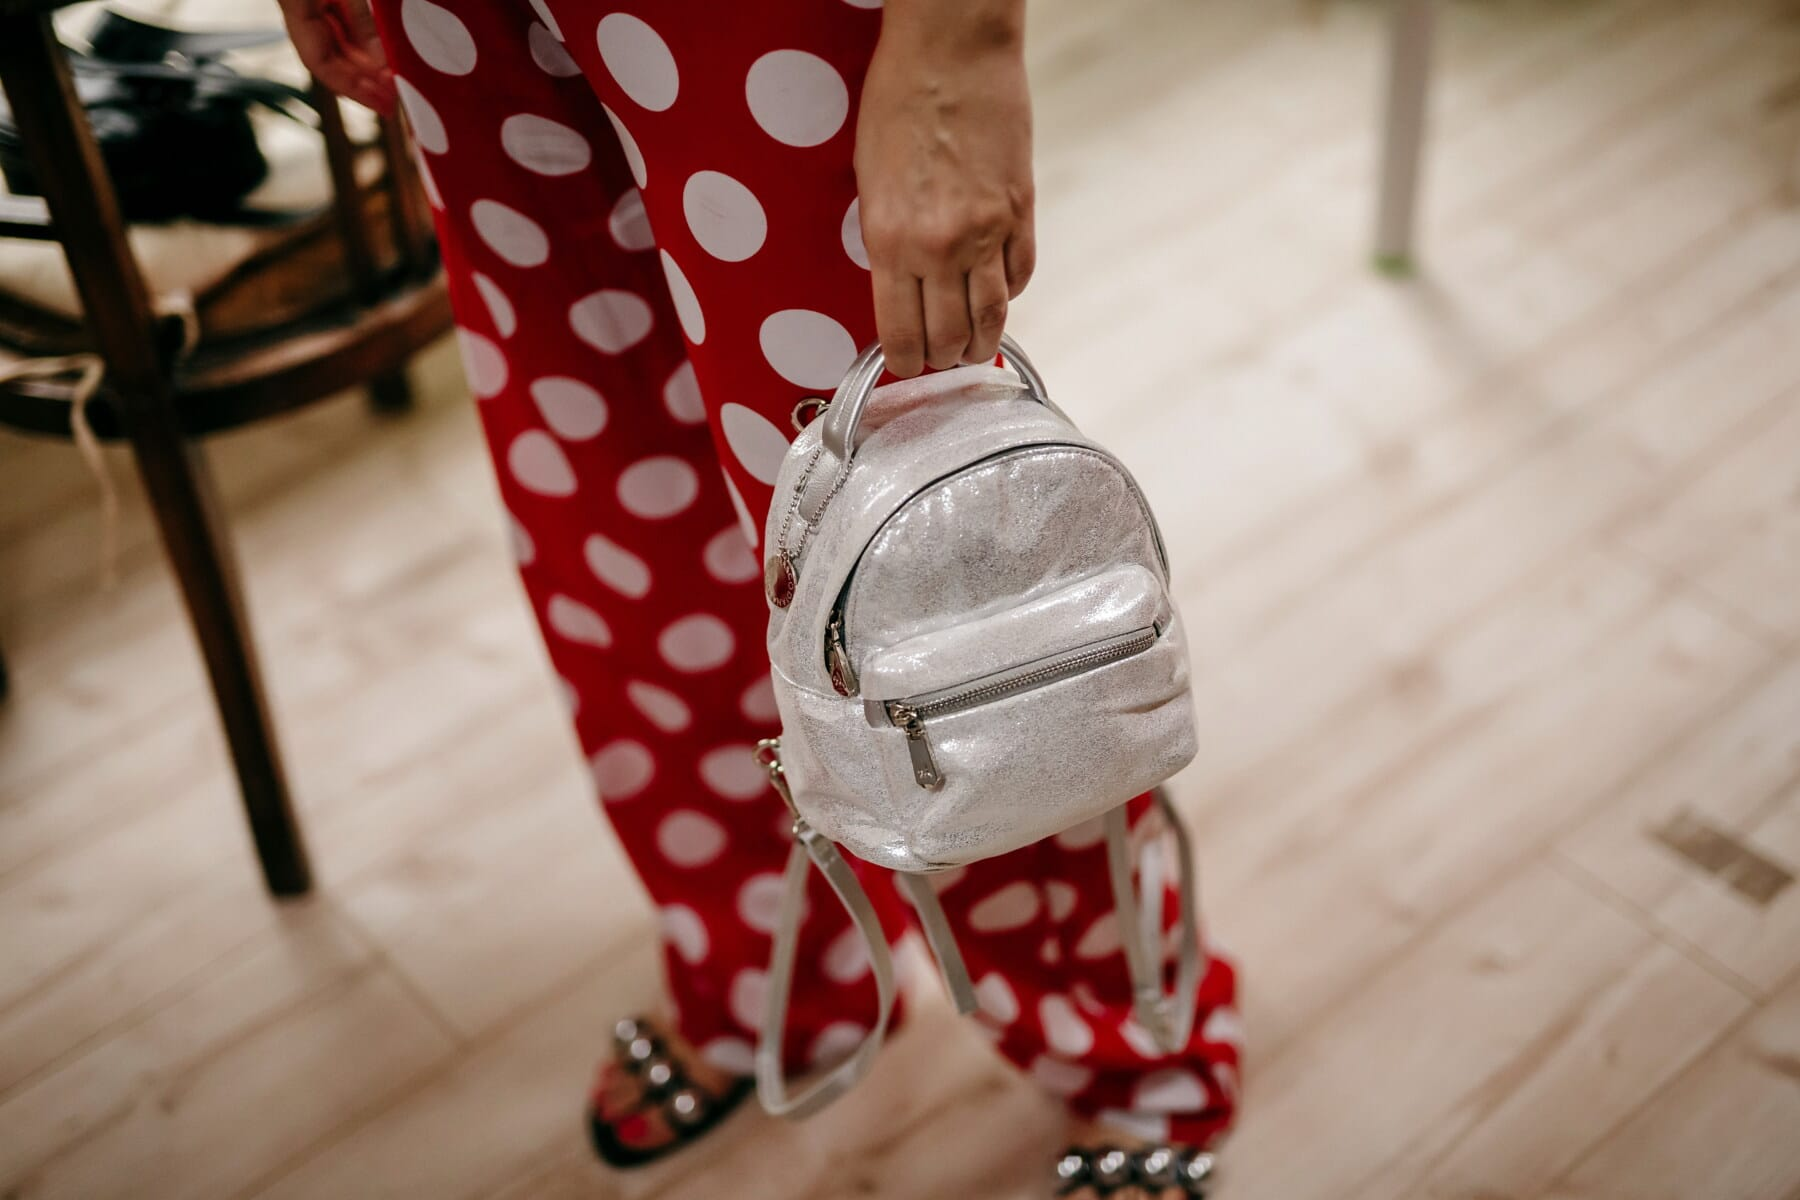 白色, 手提包, 红, 女人, 裤子, 时尚, 风格, 女孩, 室内, 复古